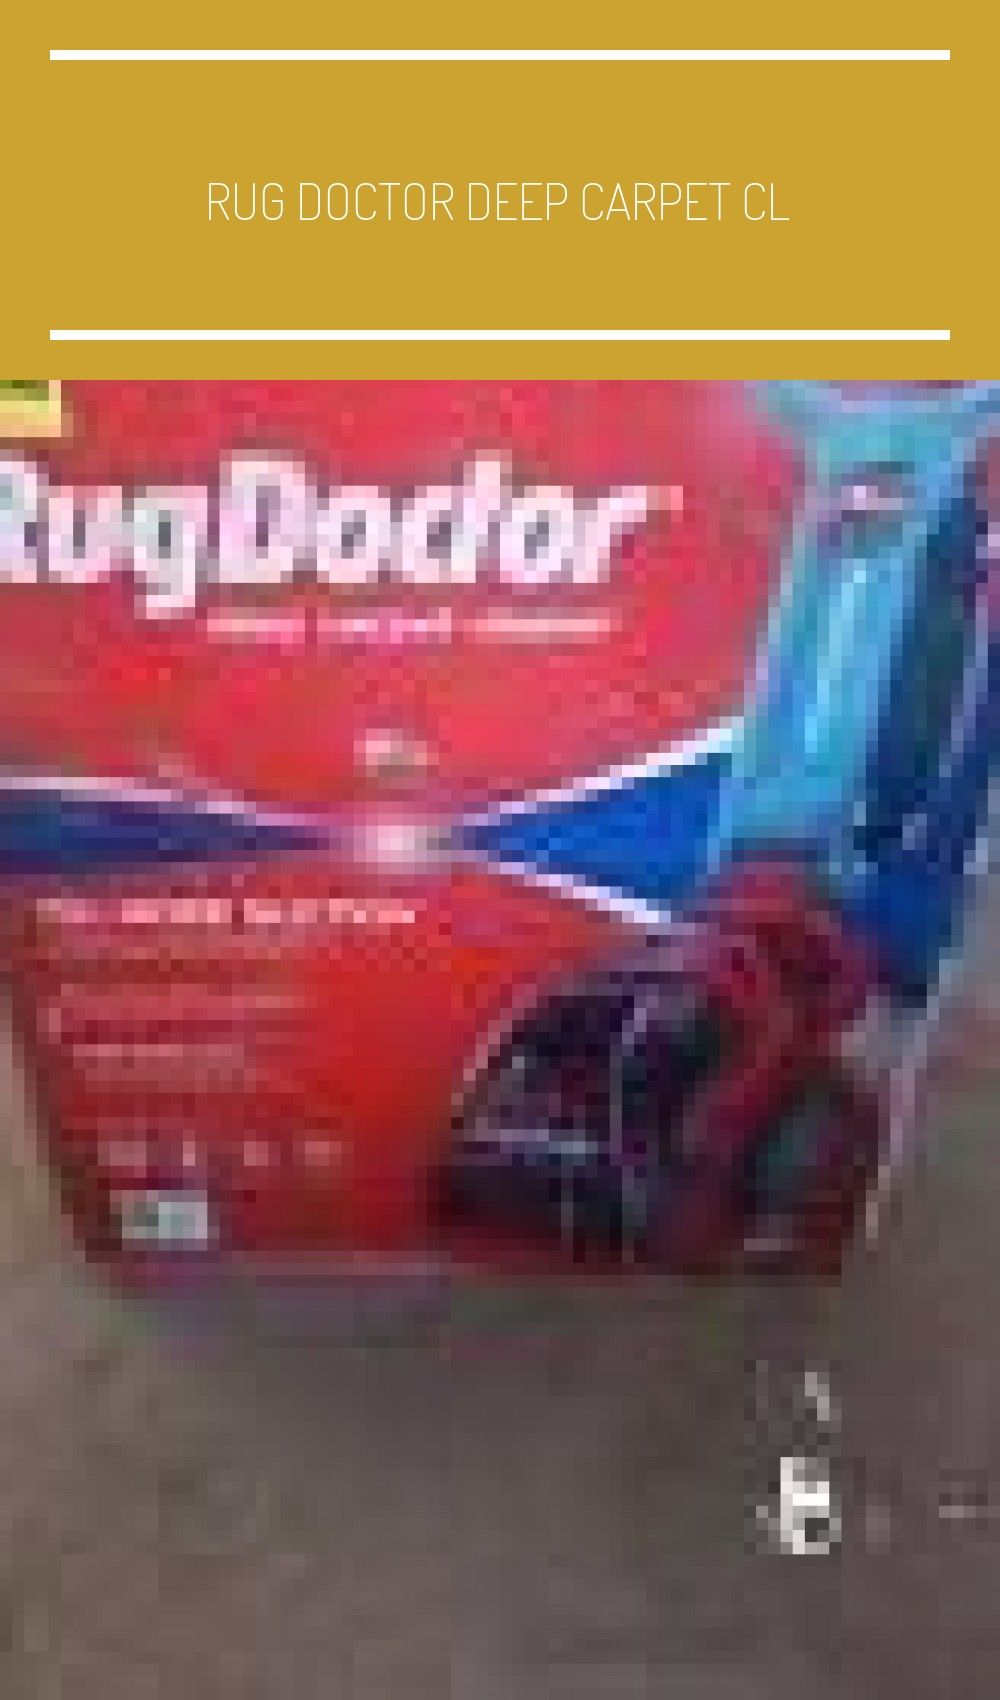 Rug Doctor Deep Carpet Cl In 2020 Natural Carpet Cleaners Carpet Cleaner Vacuum Rug Doctor